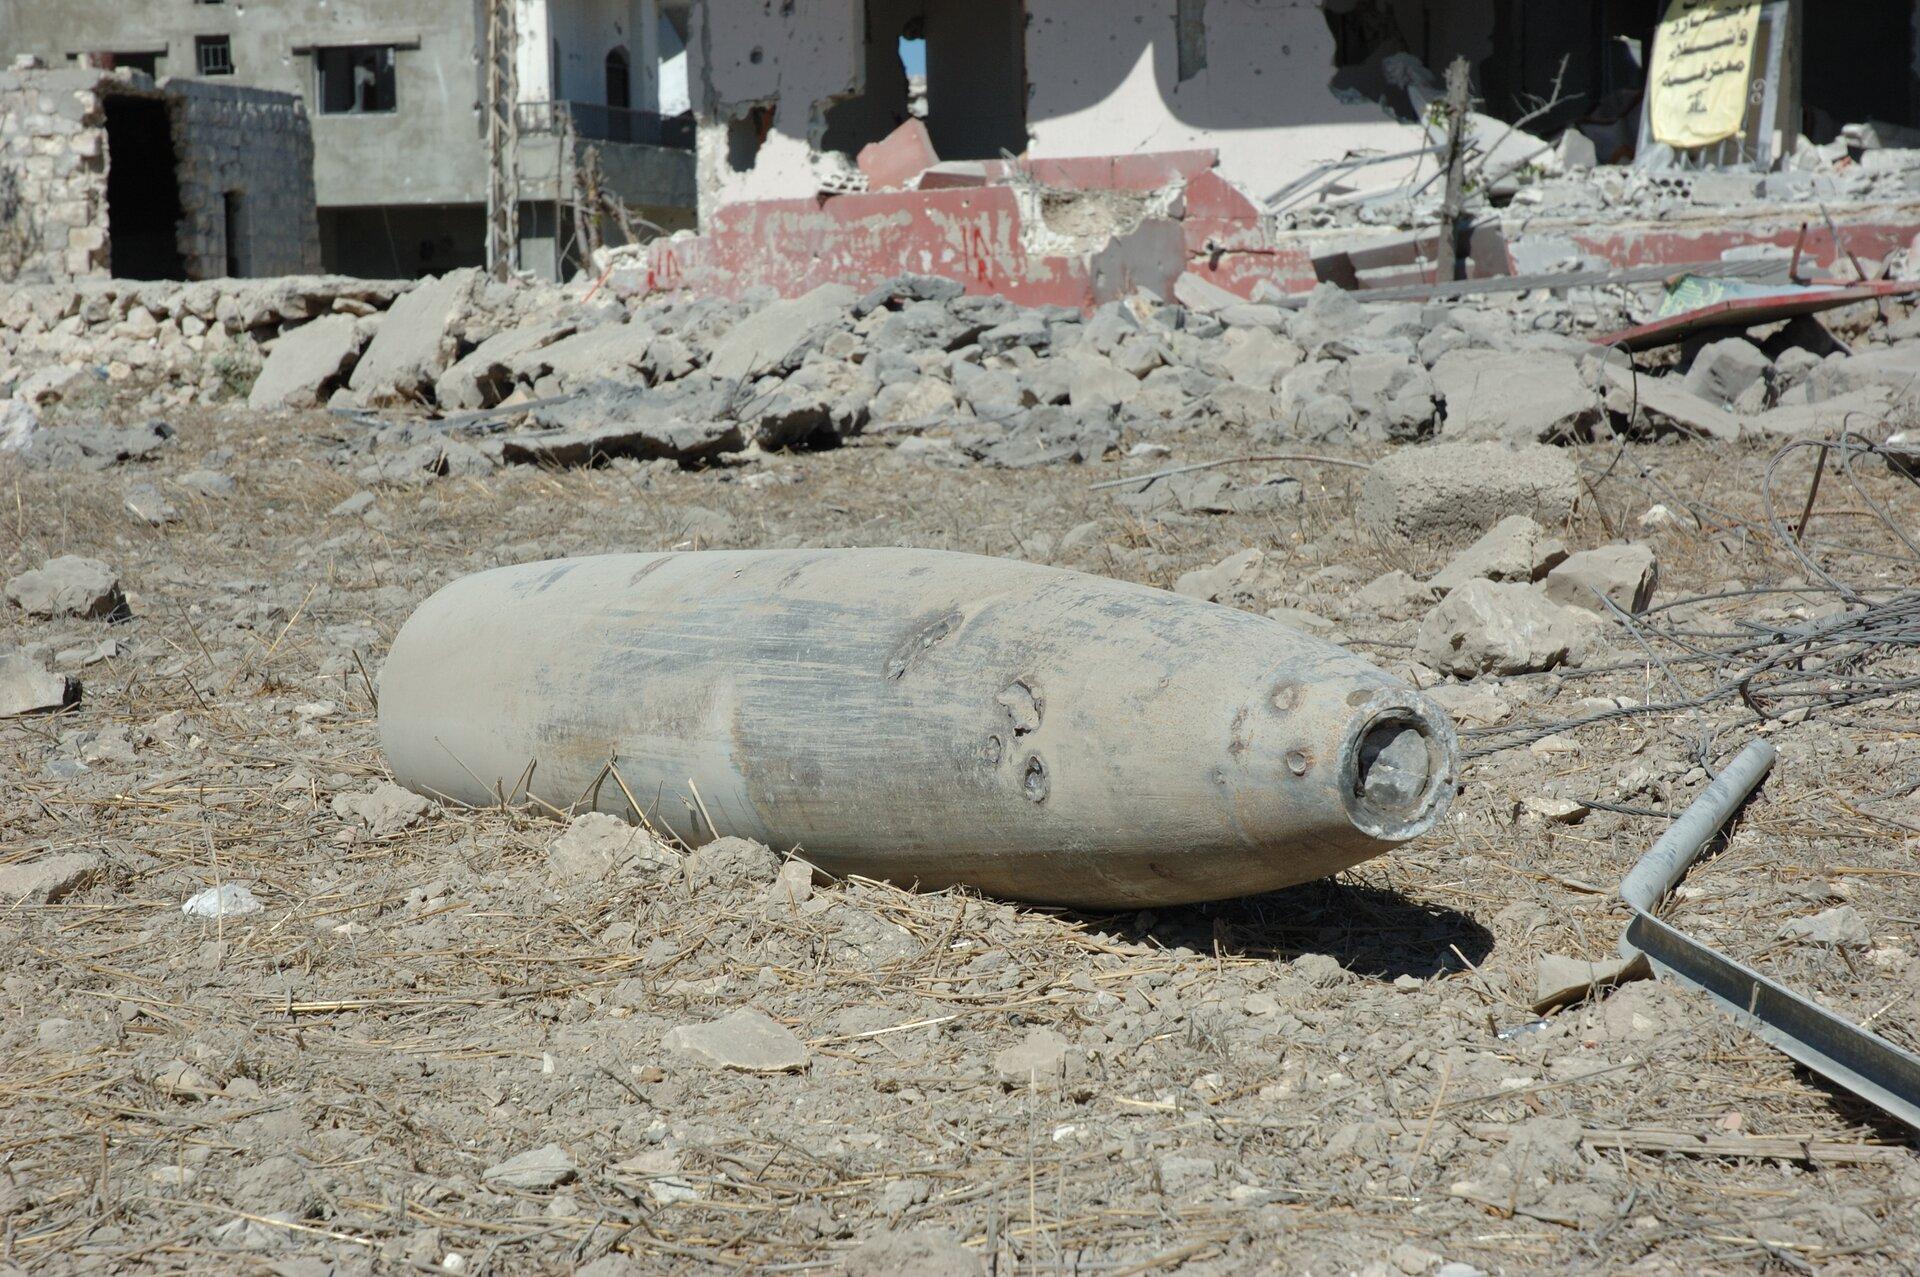 Fotografia prezentuje dużych rozmiarów pocisk leżący na ziemi , dookoła gruzy budynku